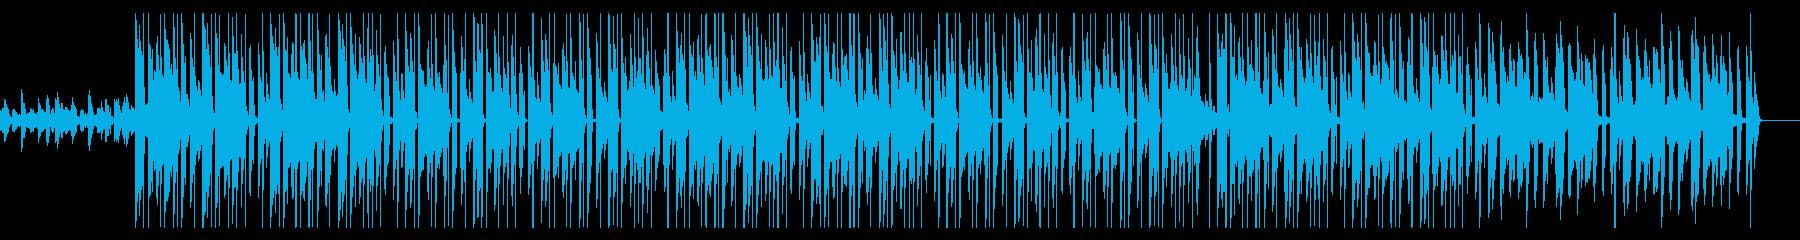 勉強用 穏やかなチルヒップホップ効果音無の再生済みの波形